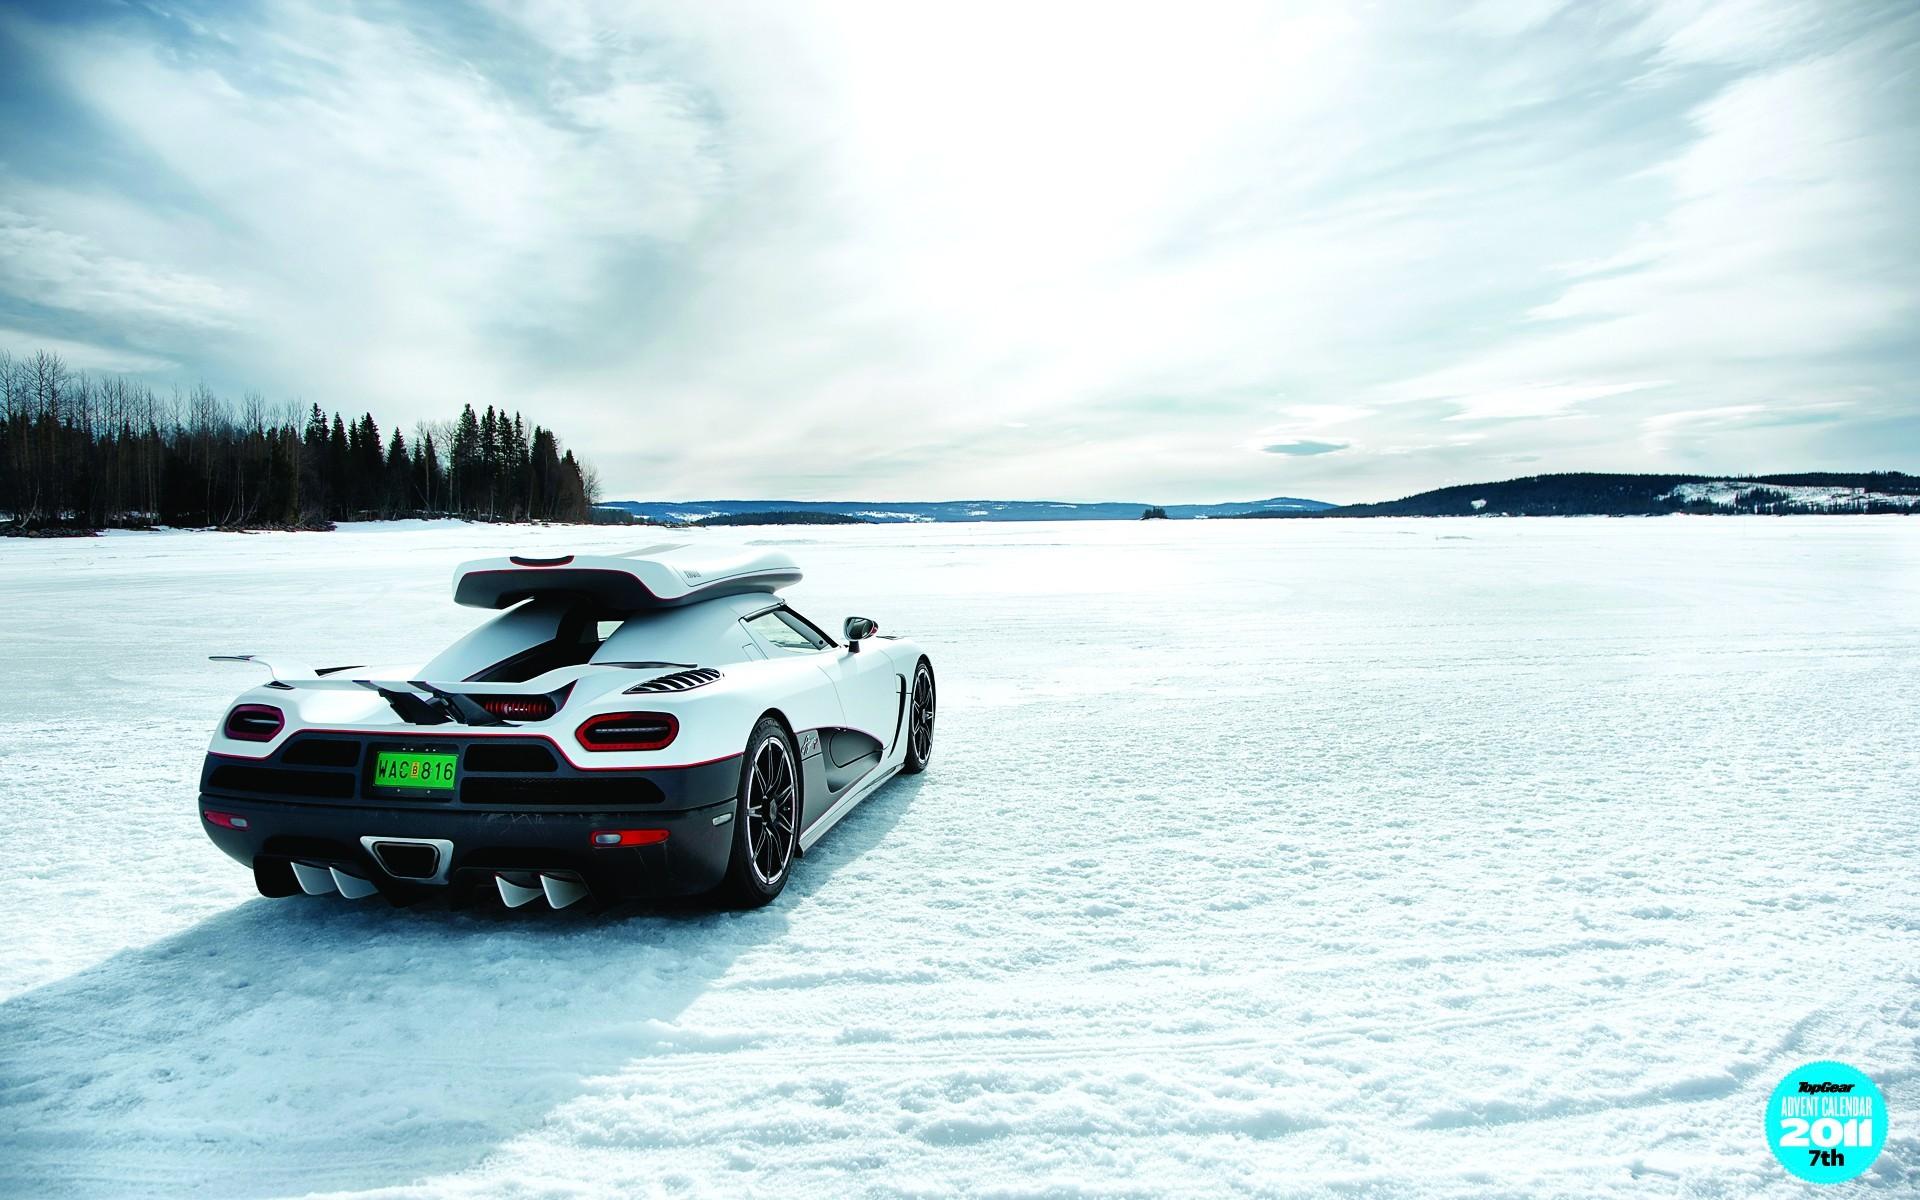 Cars Koenigsegg Agera R Skyscapes Snow Top Gear Winter